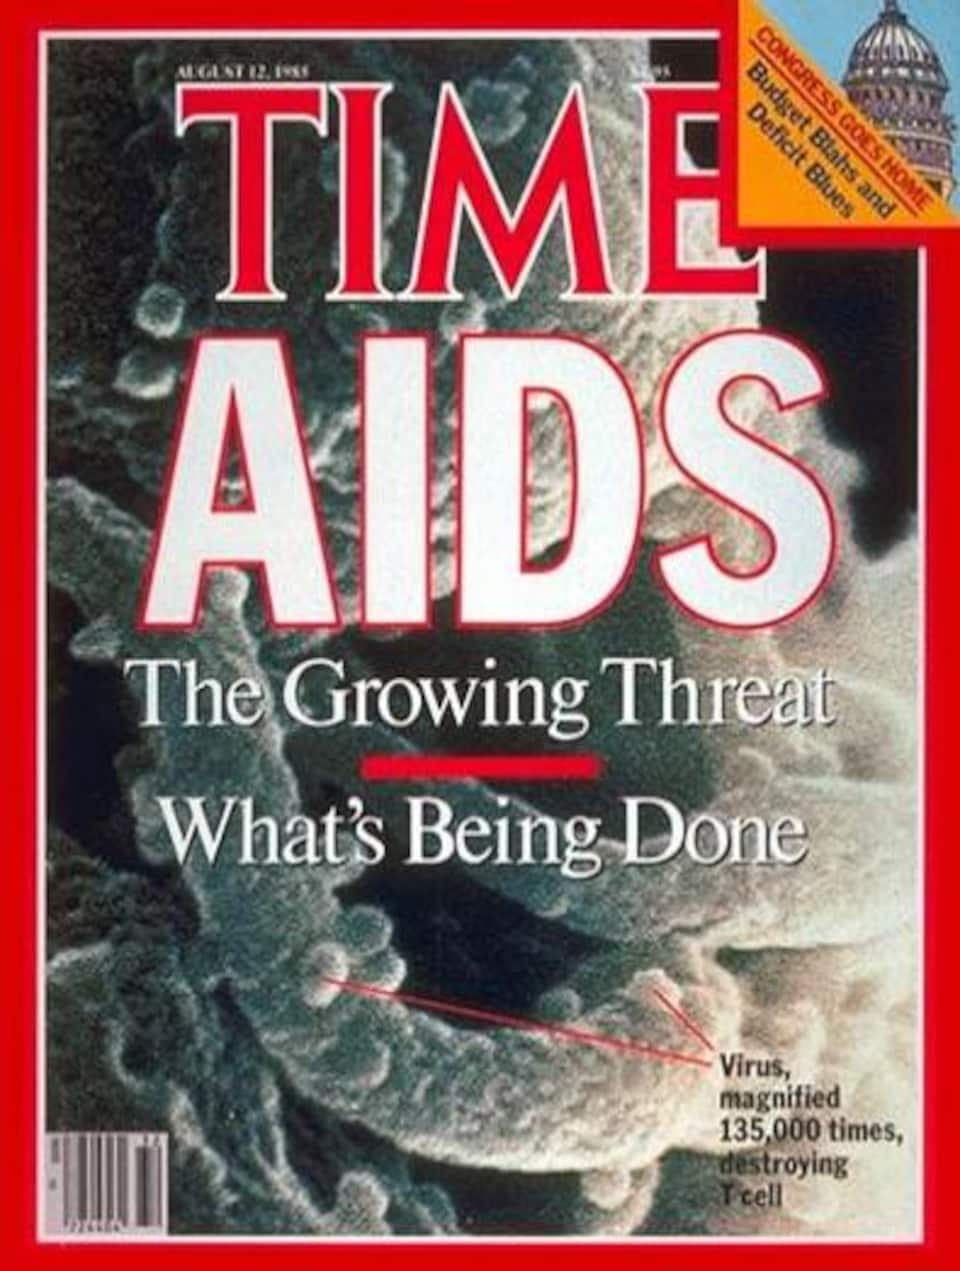 La une du magazine Time du 12 août 1985, où il est écrit AIDS.